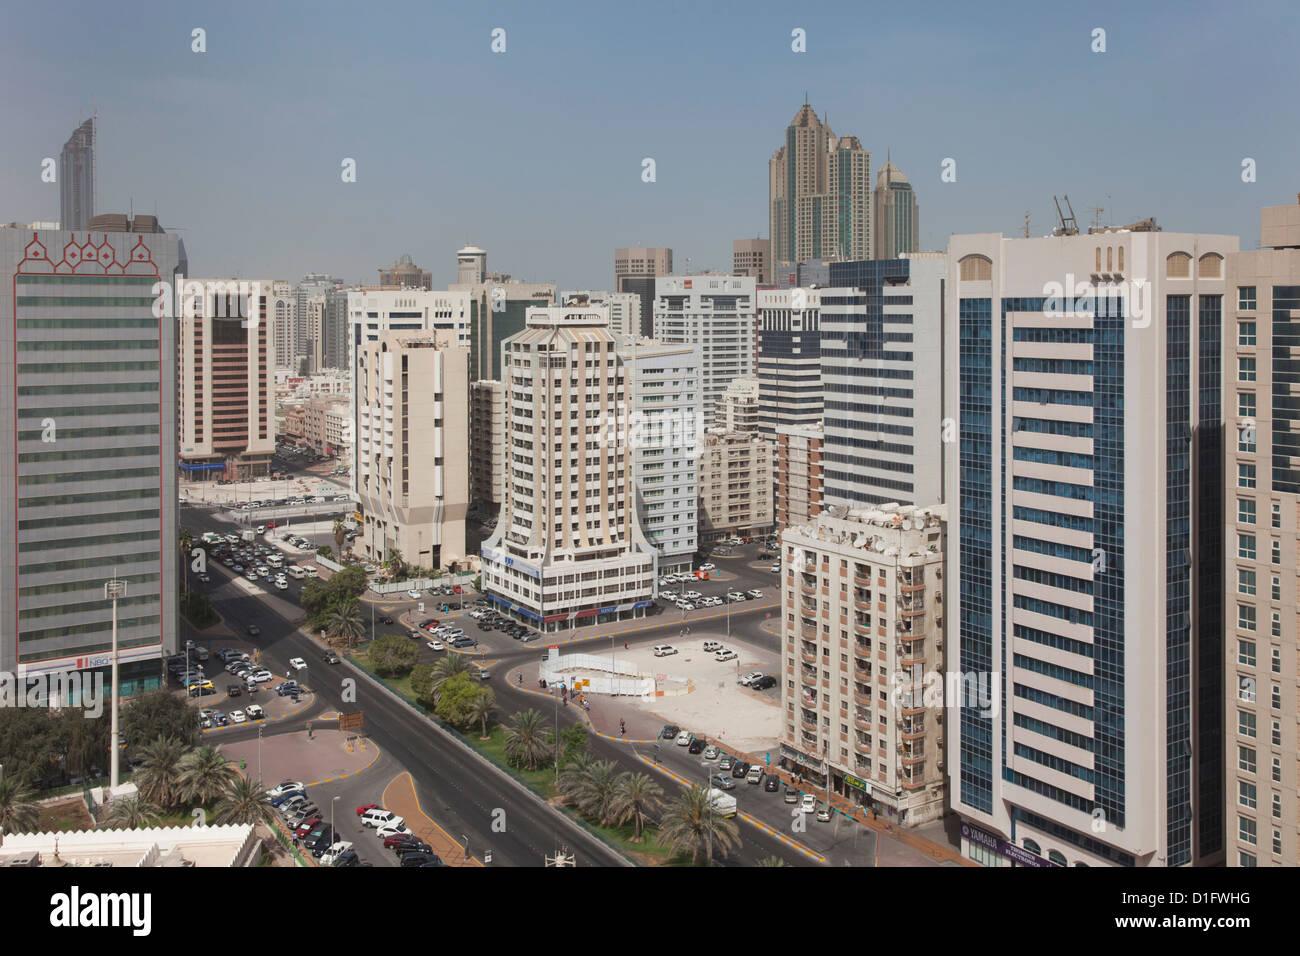 Abu Dhabi, Vereinigte Arabische Emirate, Naher Osten Stockbild